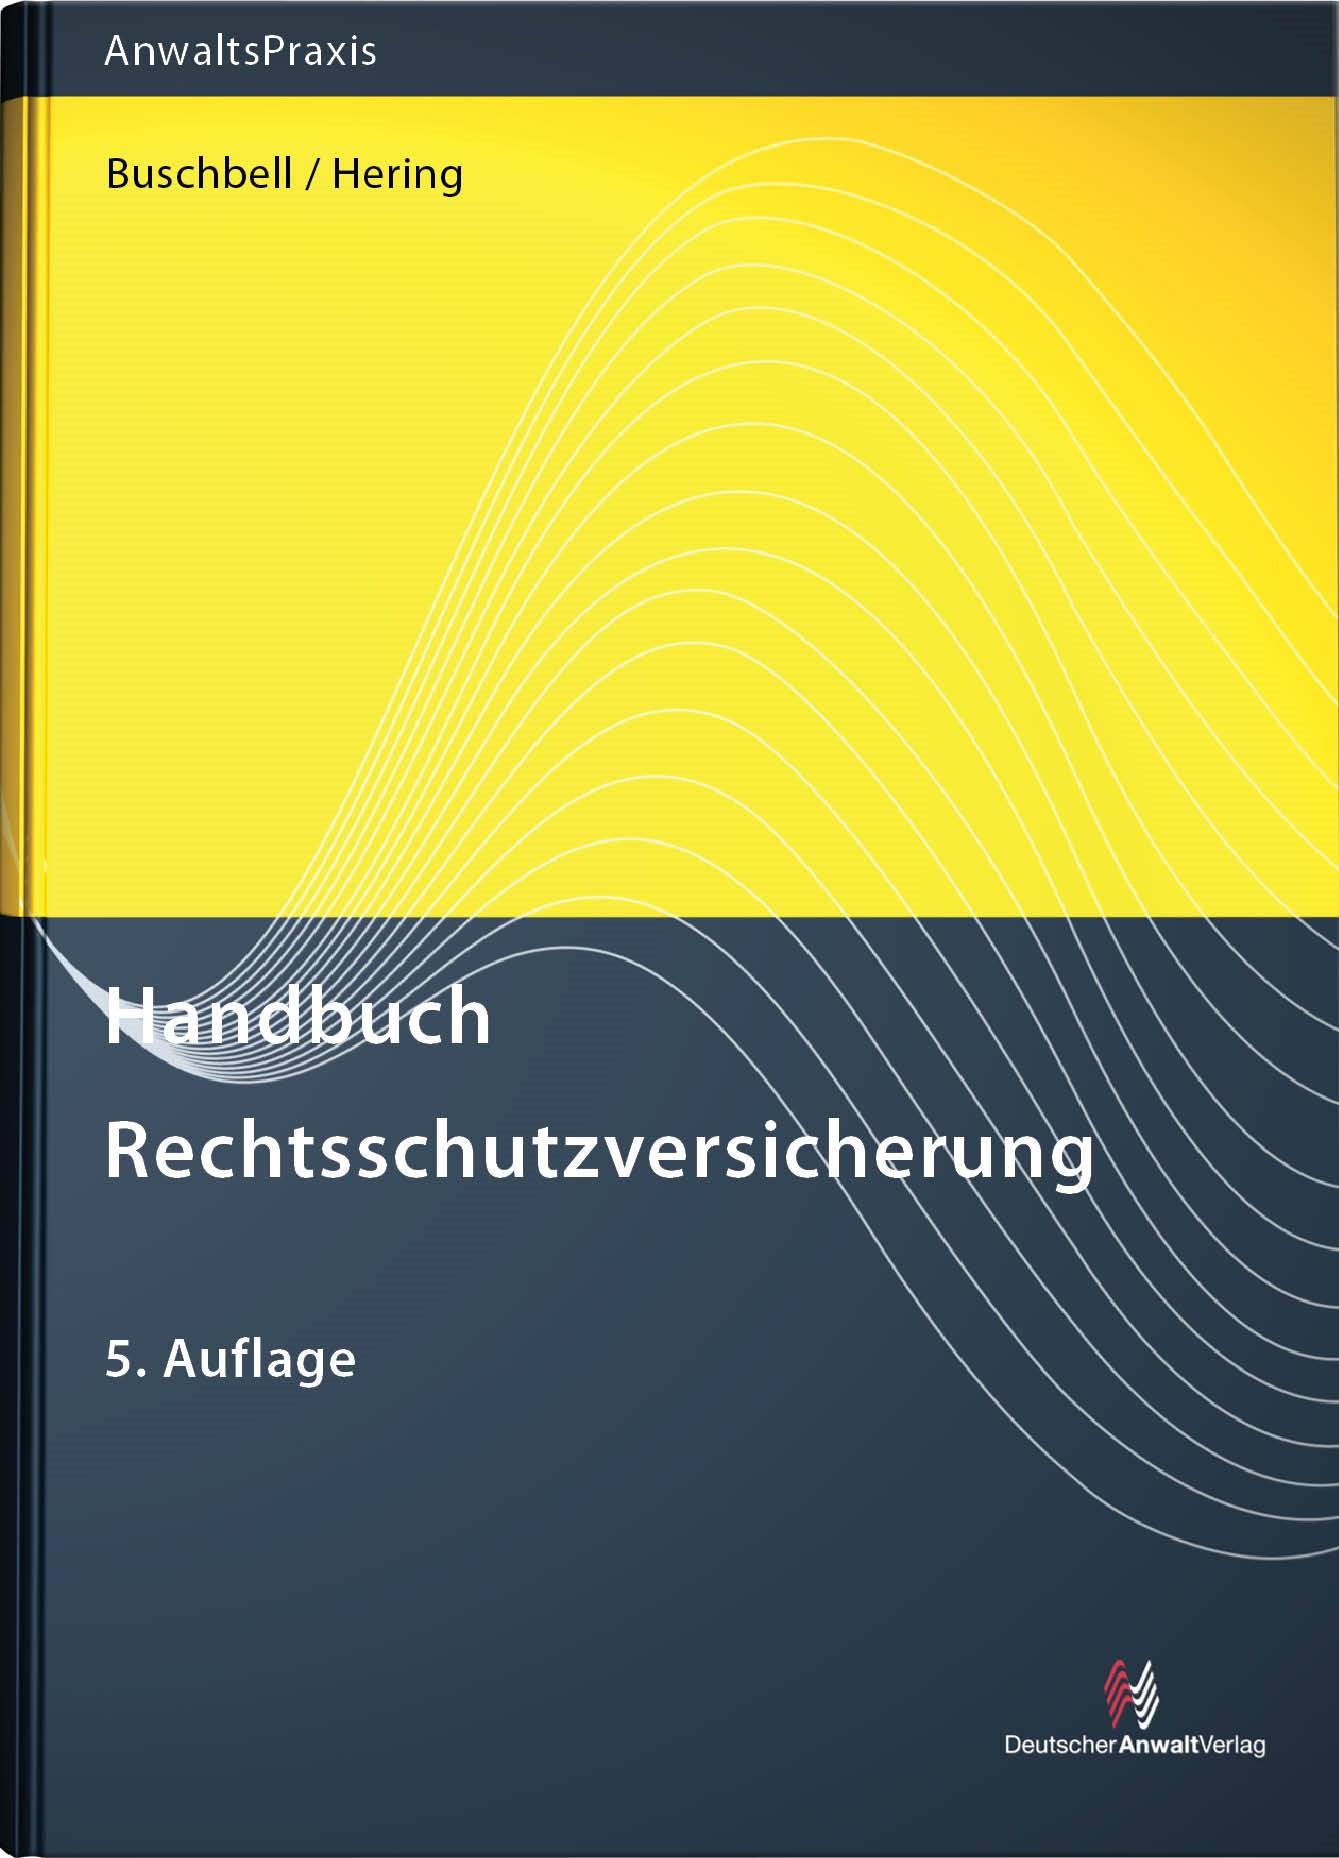 Handbuch Rechtsschutzversicherung | Buschbell / Hering | 5. Auflage, 2011 | Buch (Cover)